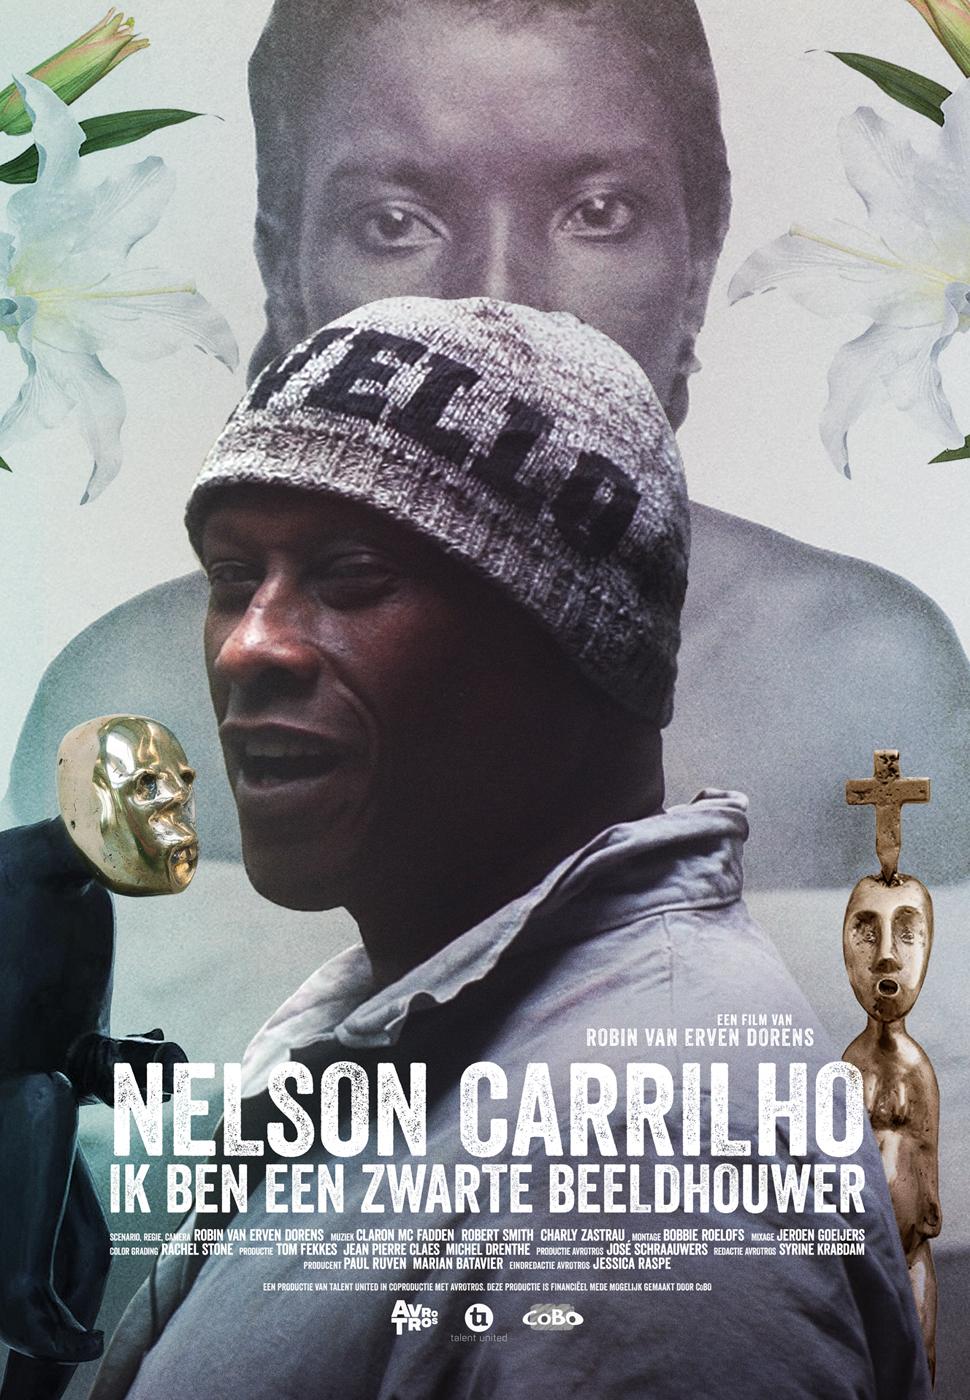 Nelson Carrilho – Ik ben een zwarte beeldhouwer